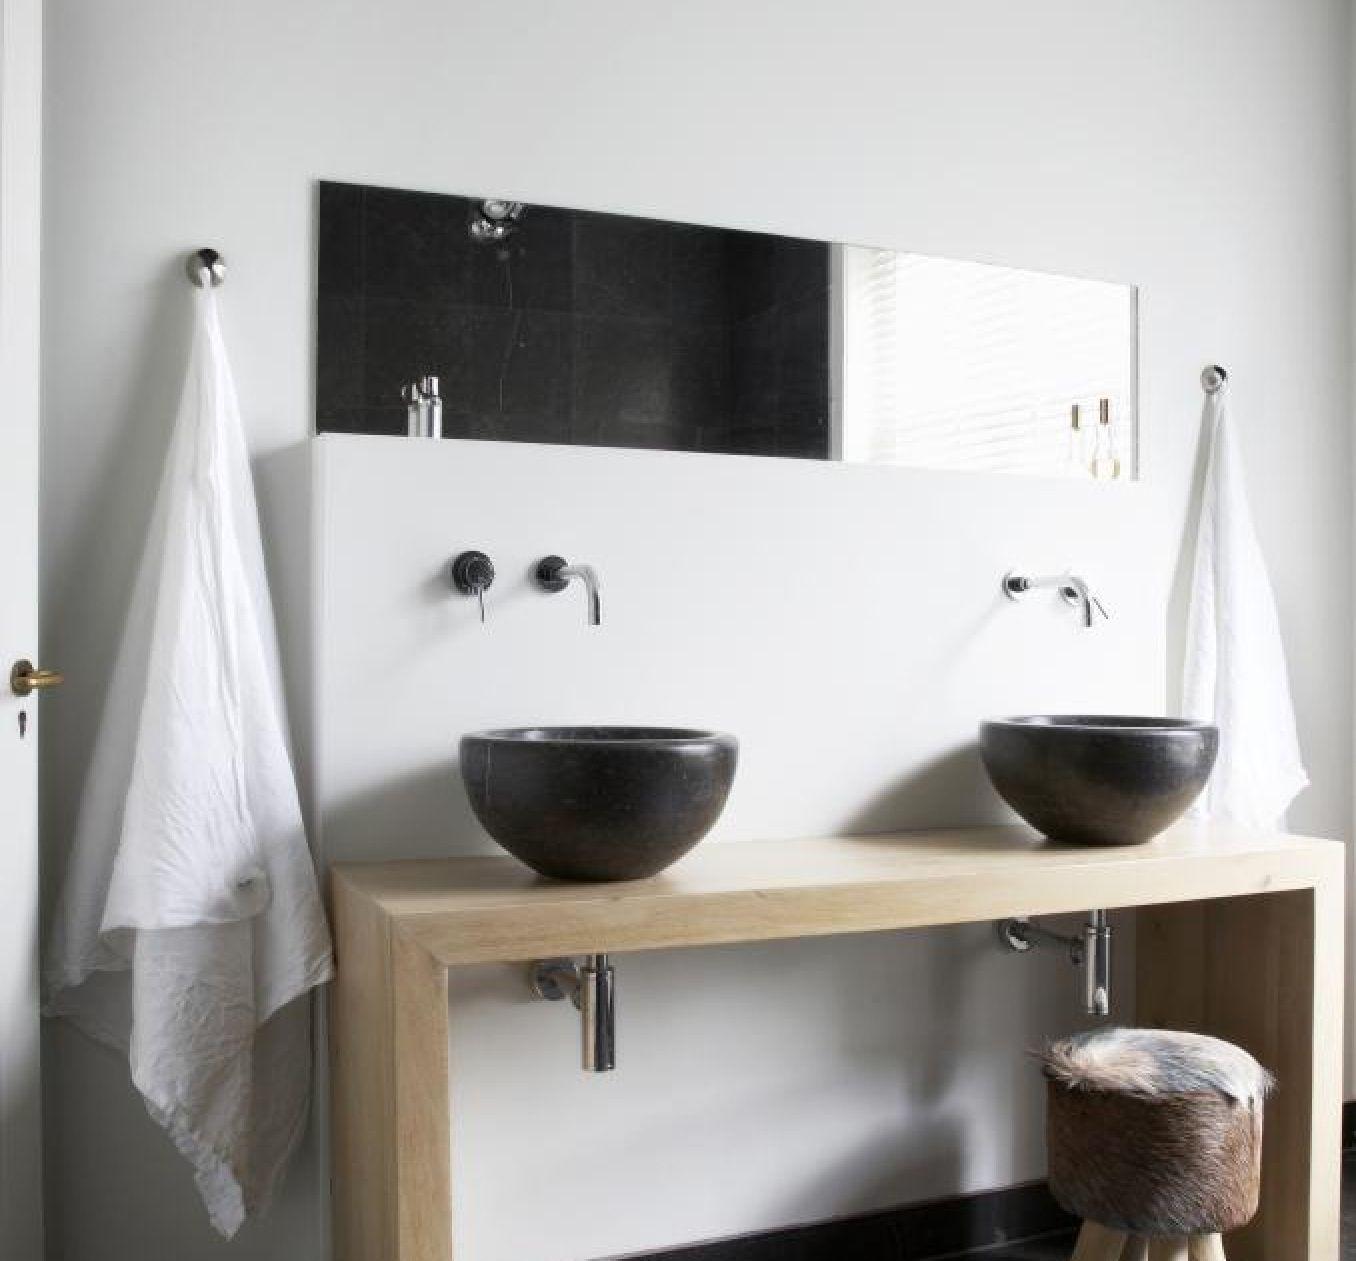 Reforma ba o con lavabos dise o negros sobre encimera de for Grifos modernos